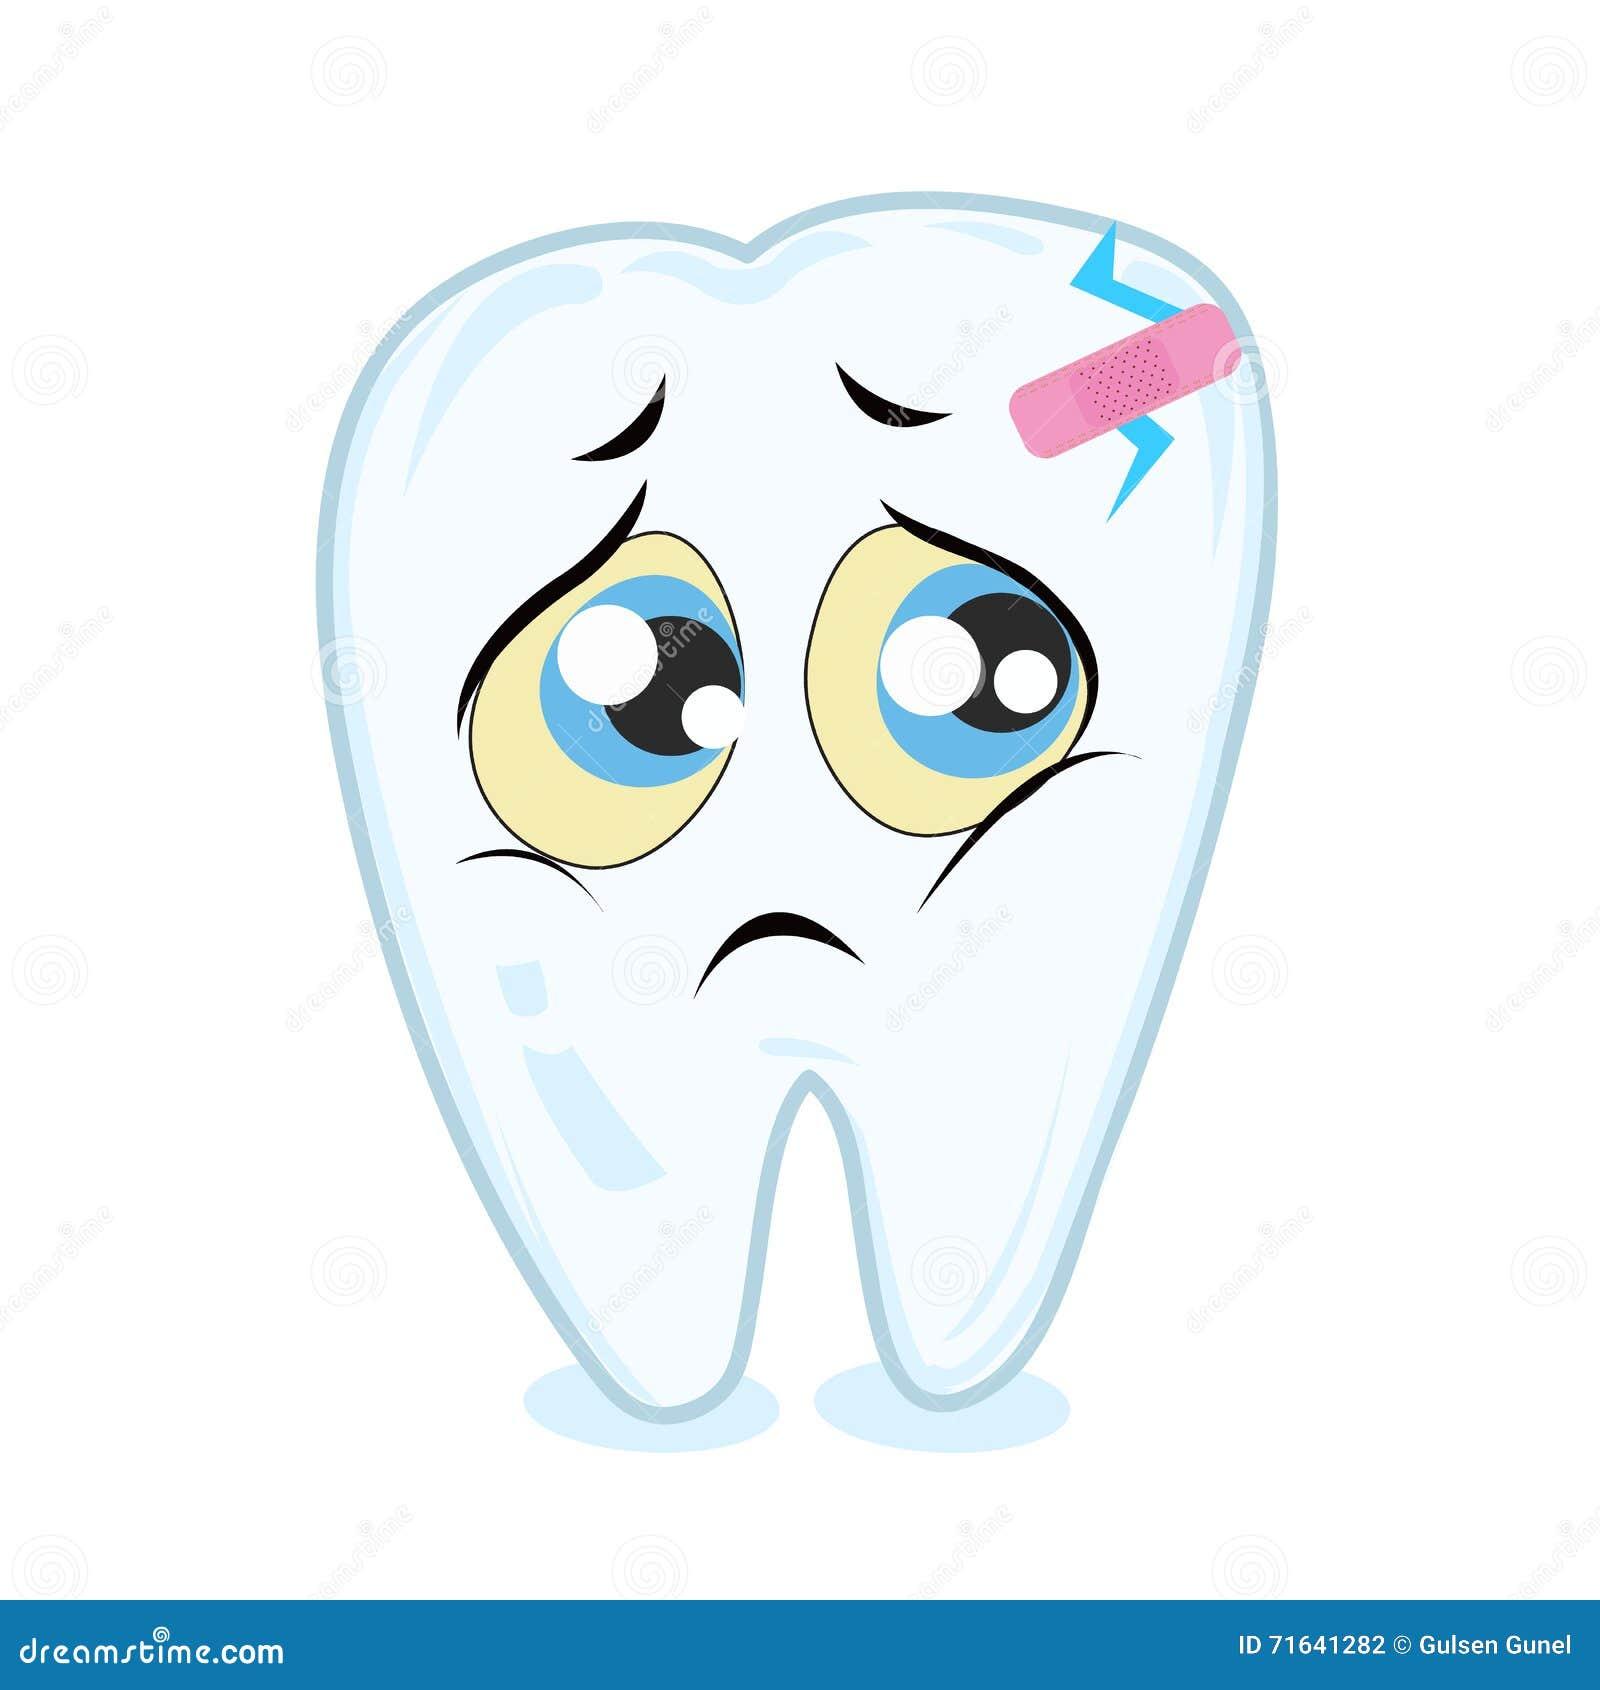 Словами поздравления, картинка больного зуба для детей